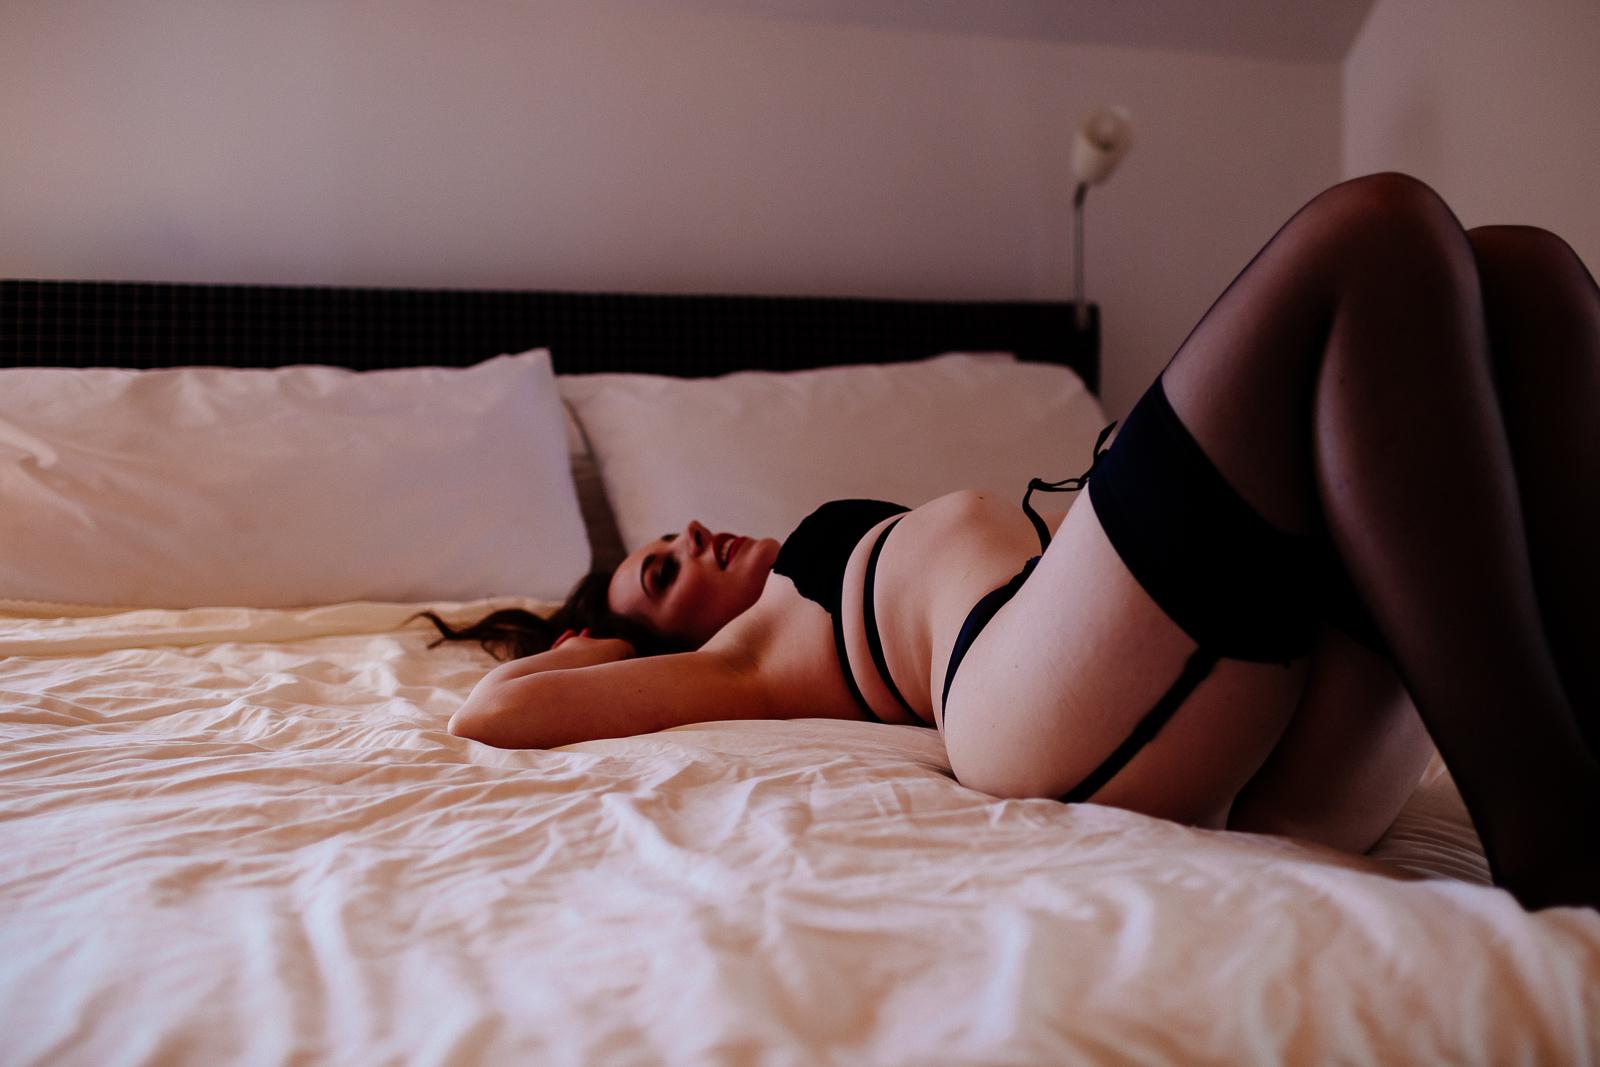 Ile trwa stosunek płciowy – odpowiada ekspert